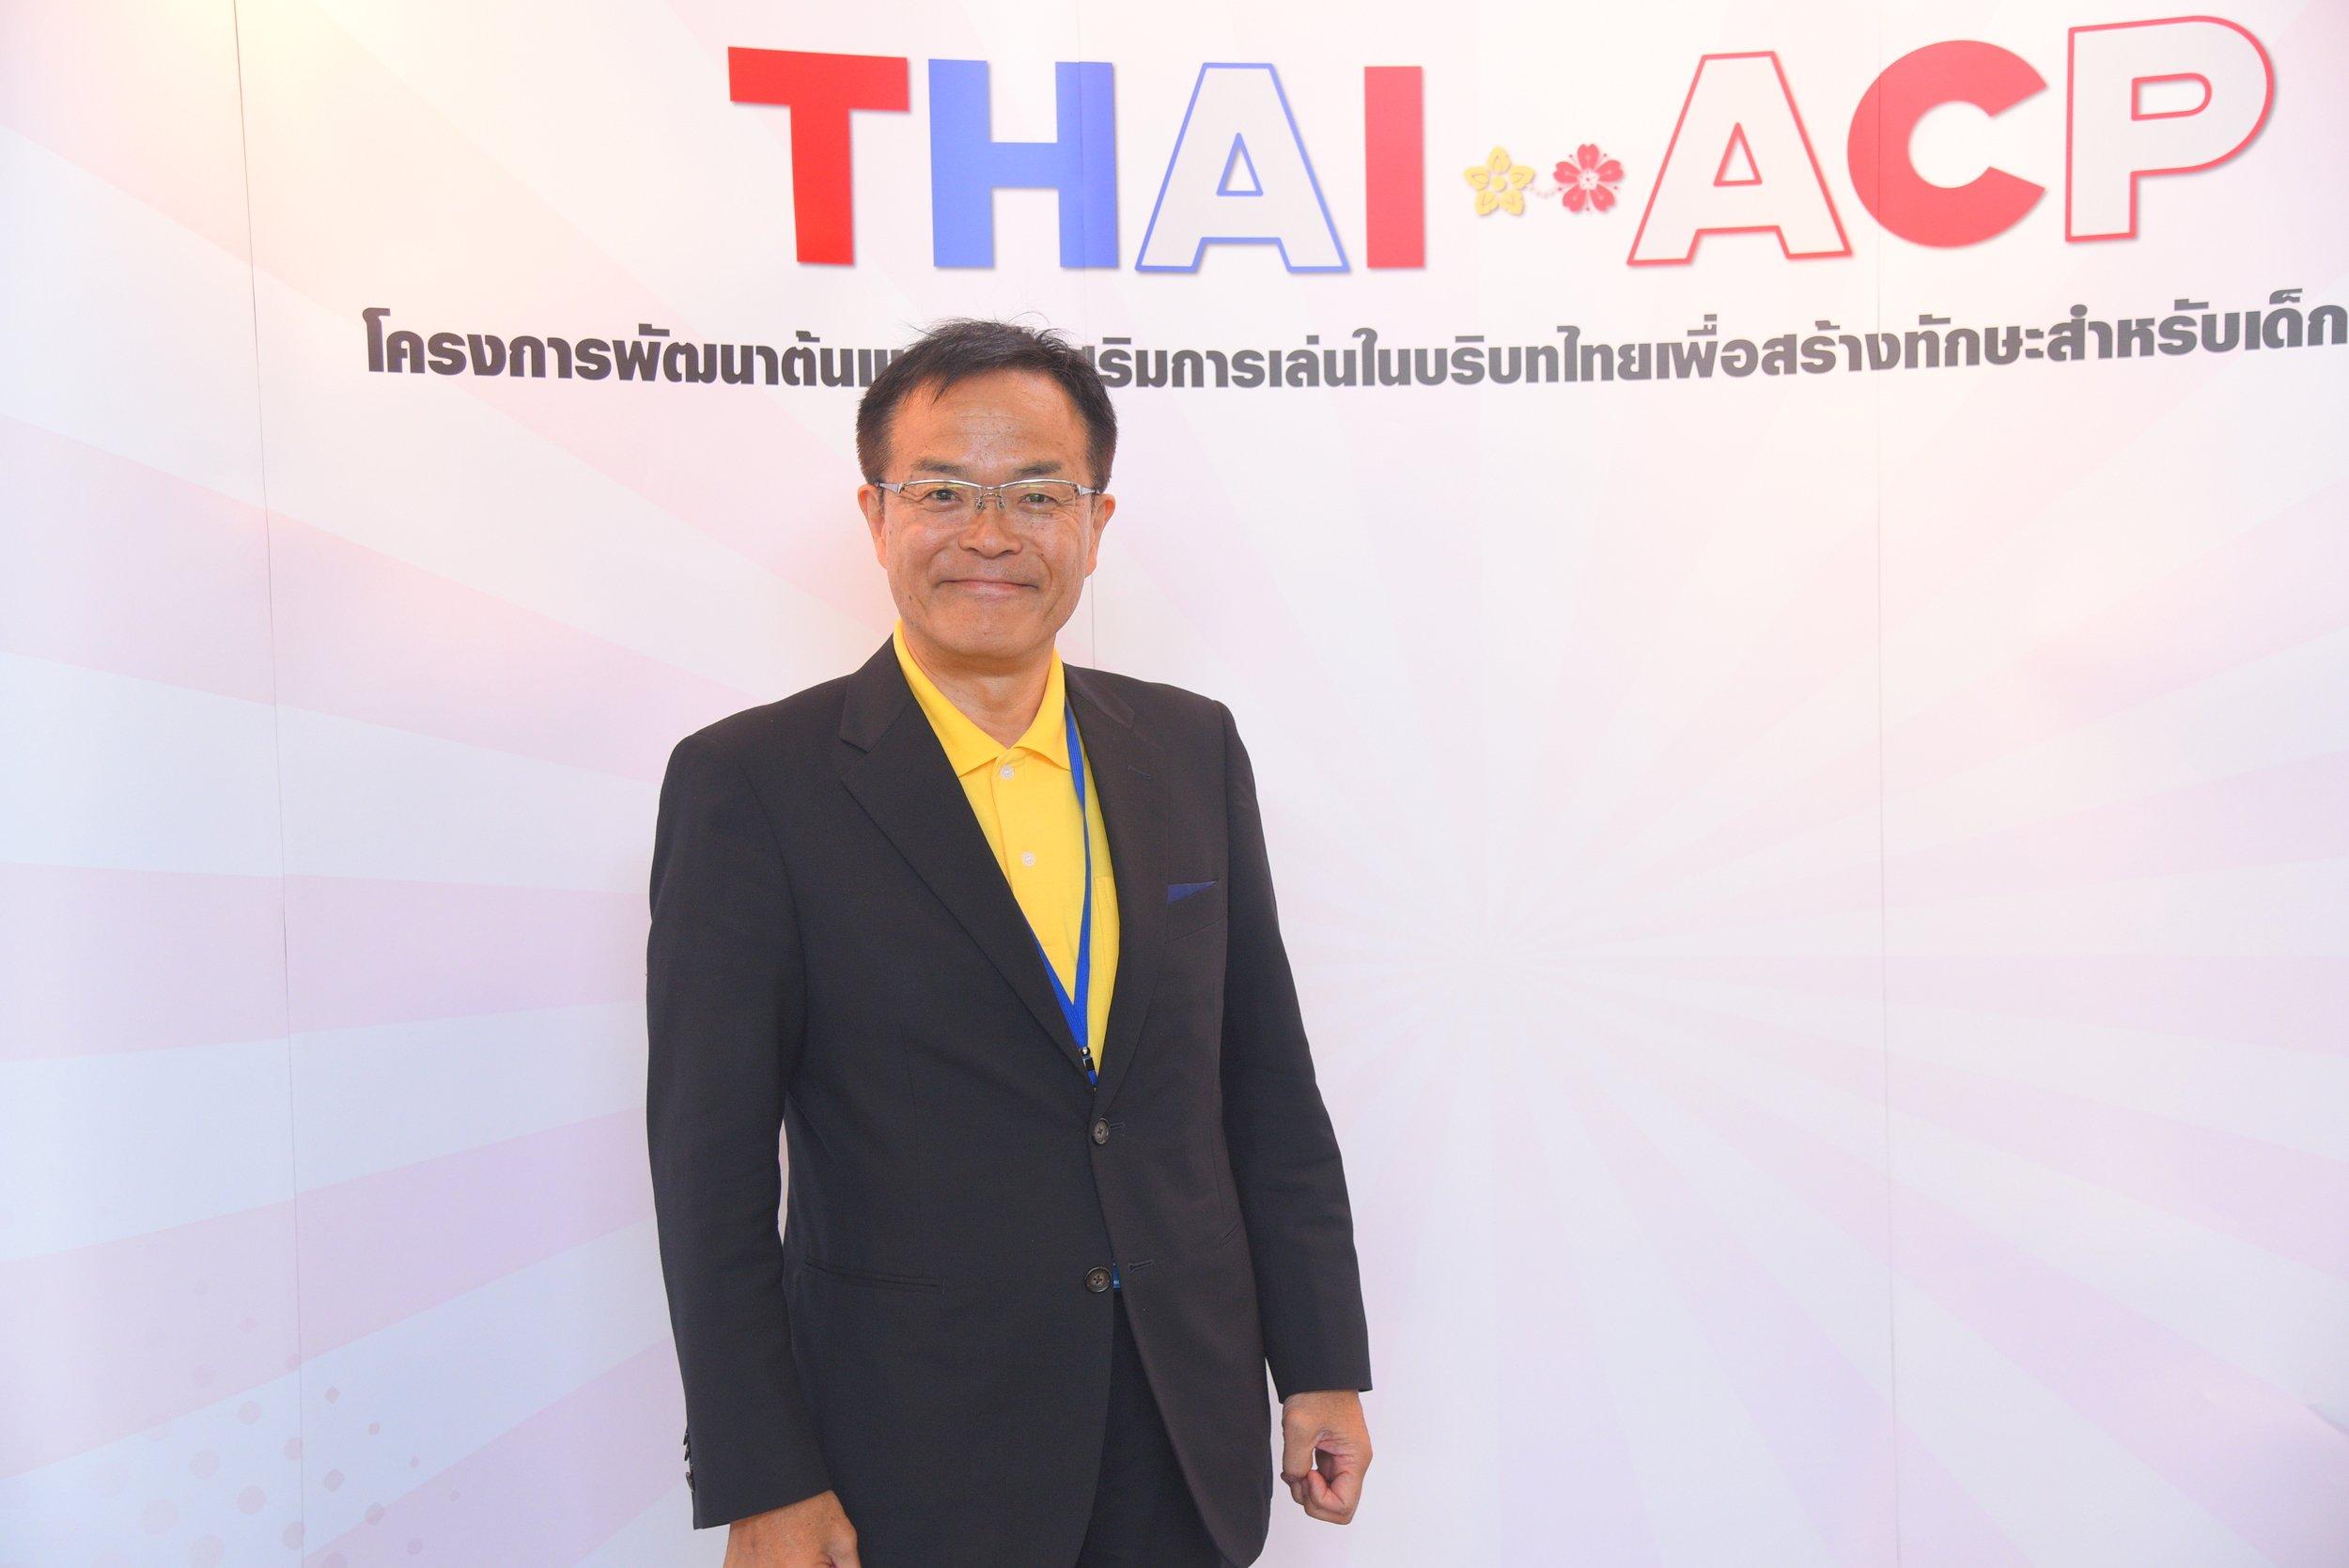 'เล่นสนุก' เพื่อสุขภาพที่ดีของเด็กไทย thaihealth